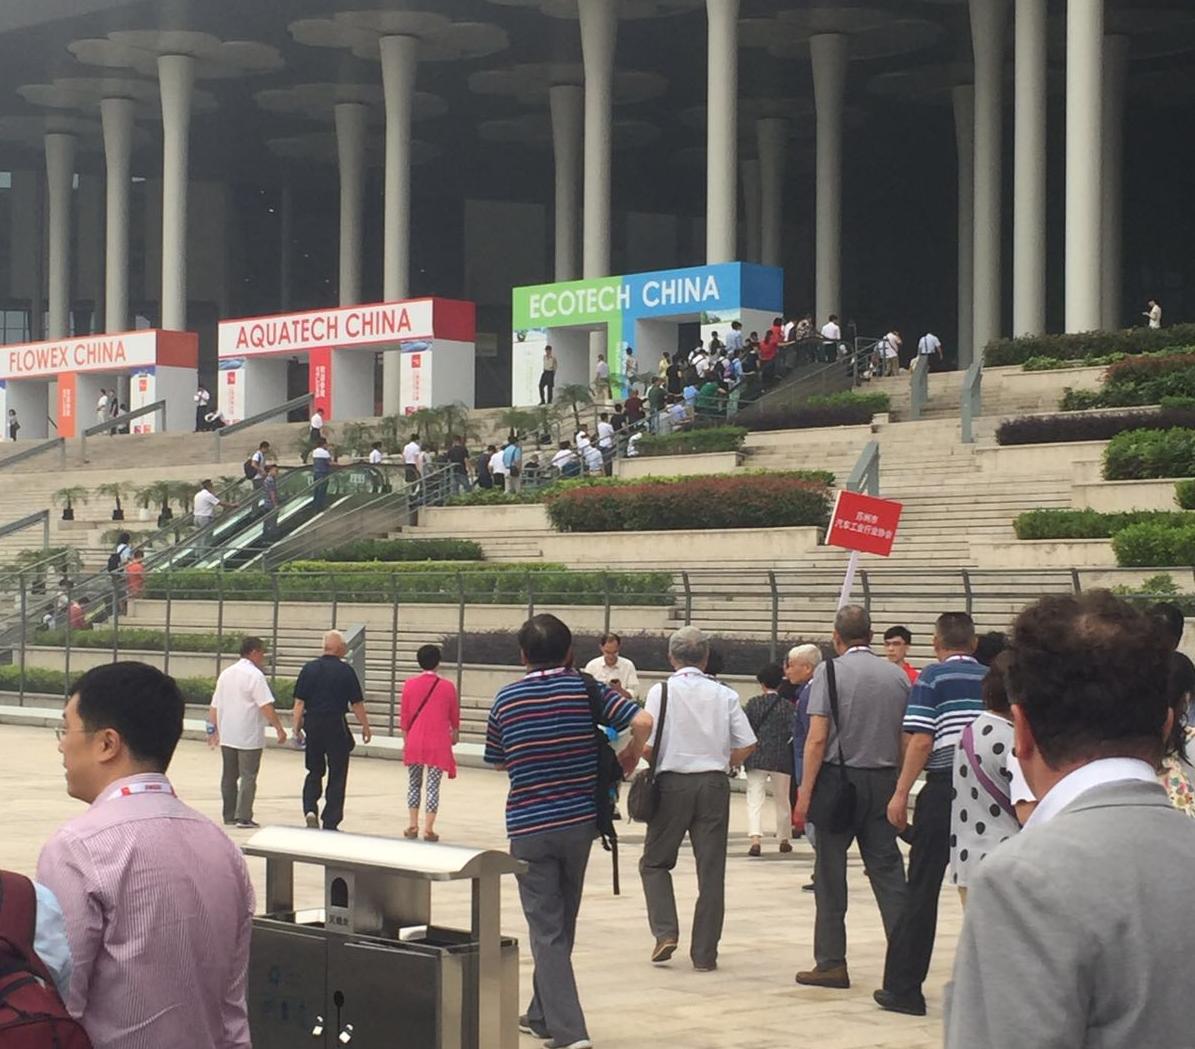 CTST-neemt-deel-in-China-aan-Aquatech-Shanghai-2016-1b